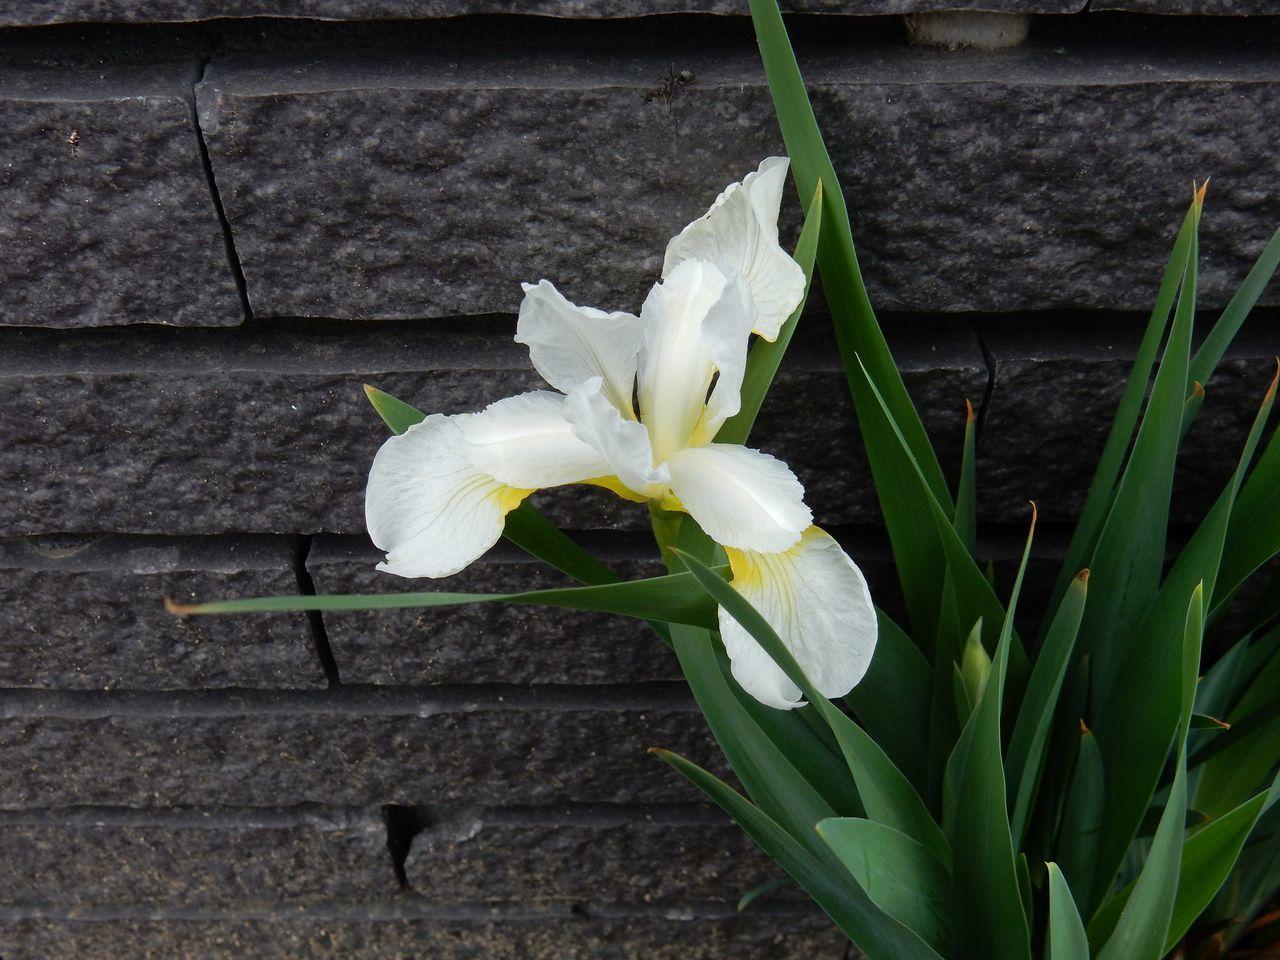 寒くても花は咲く_c0025115_22425683.jpg